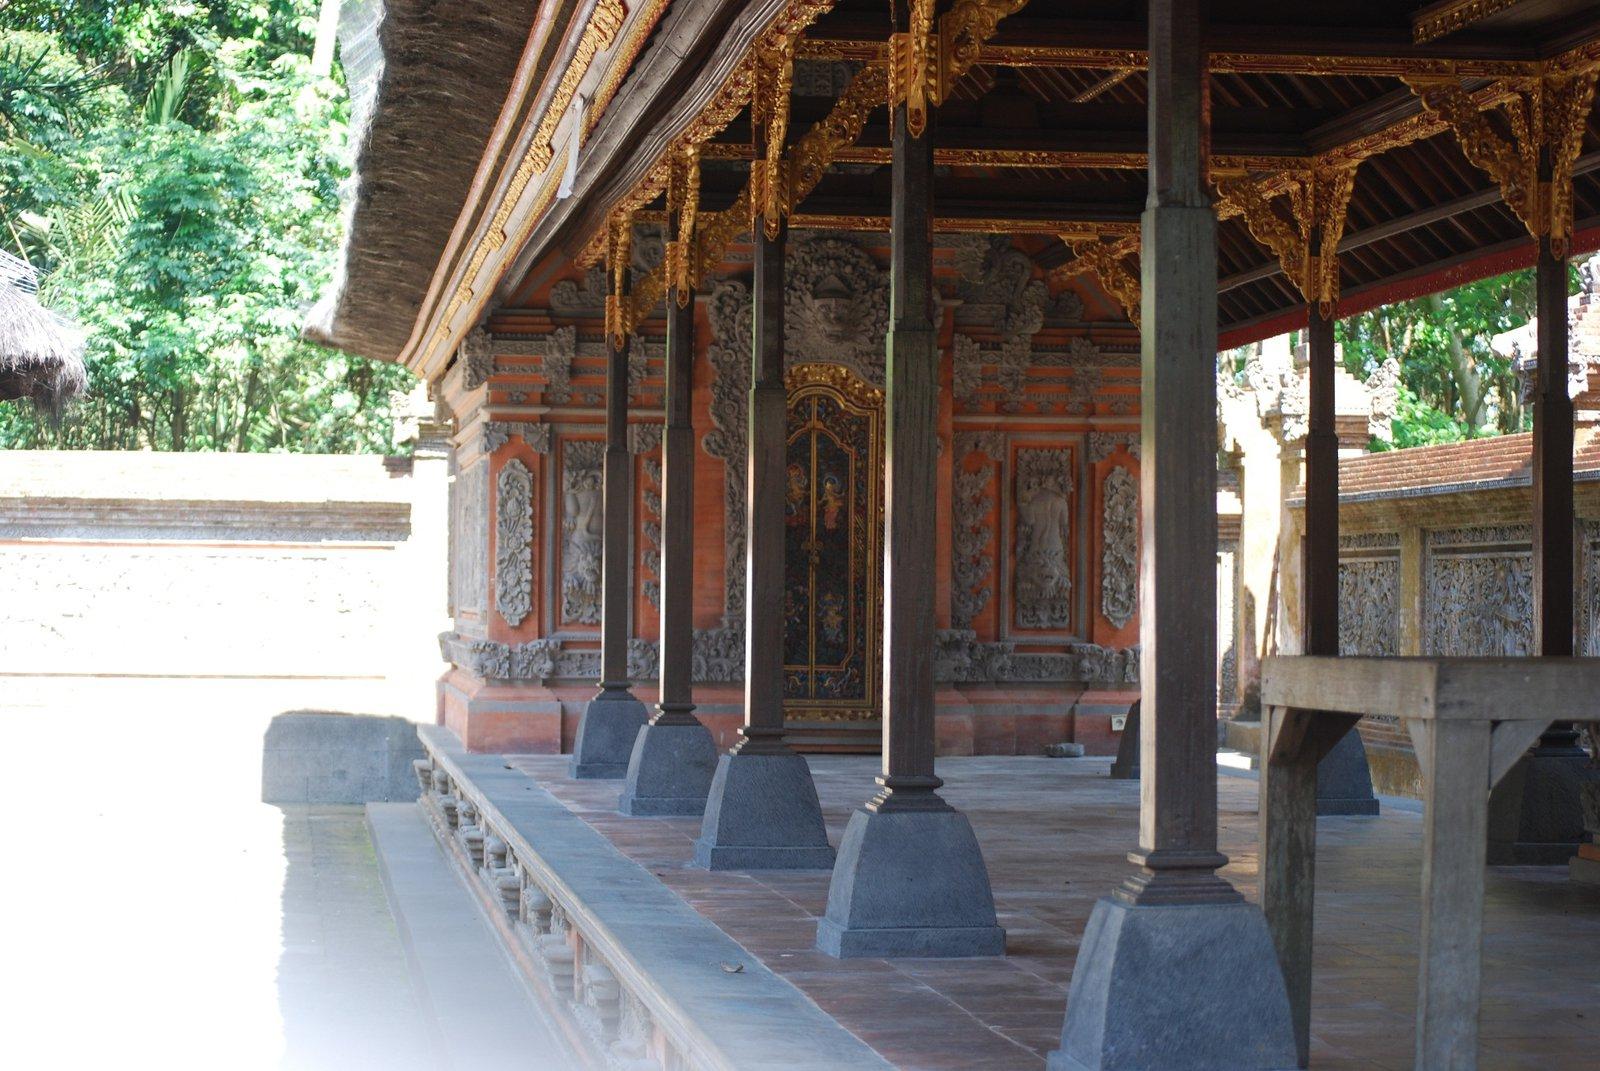 Temple of Death, Ubud, Bali.